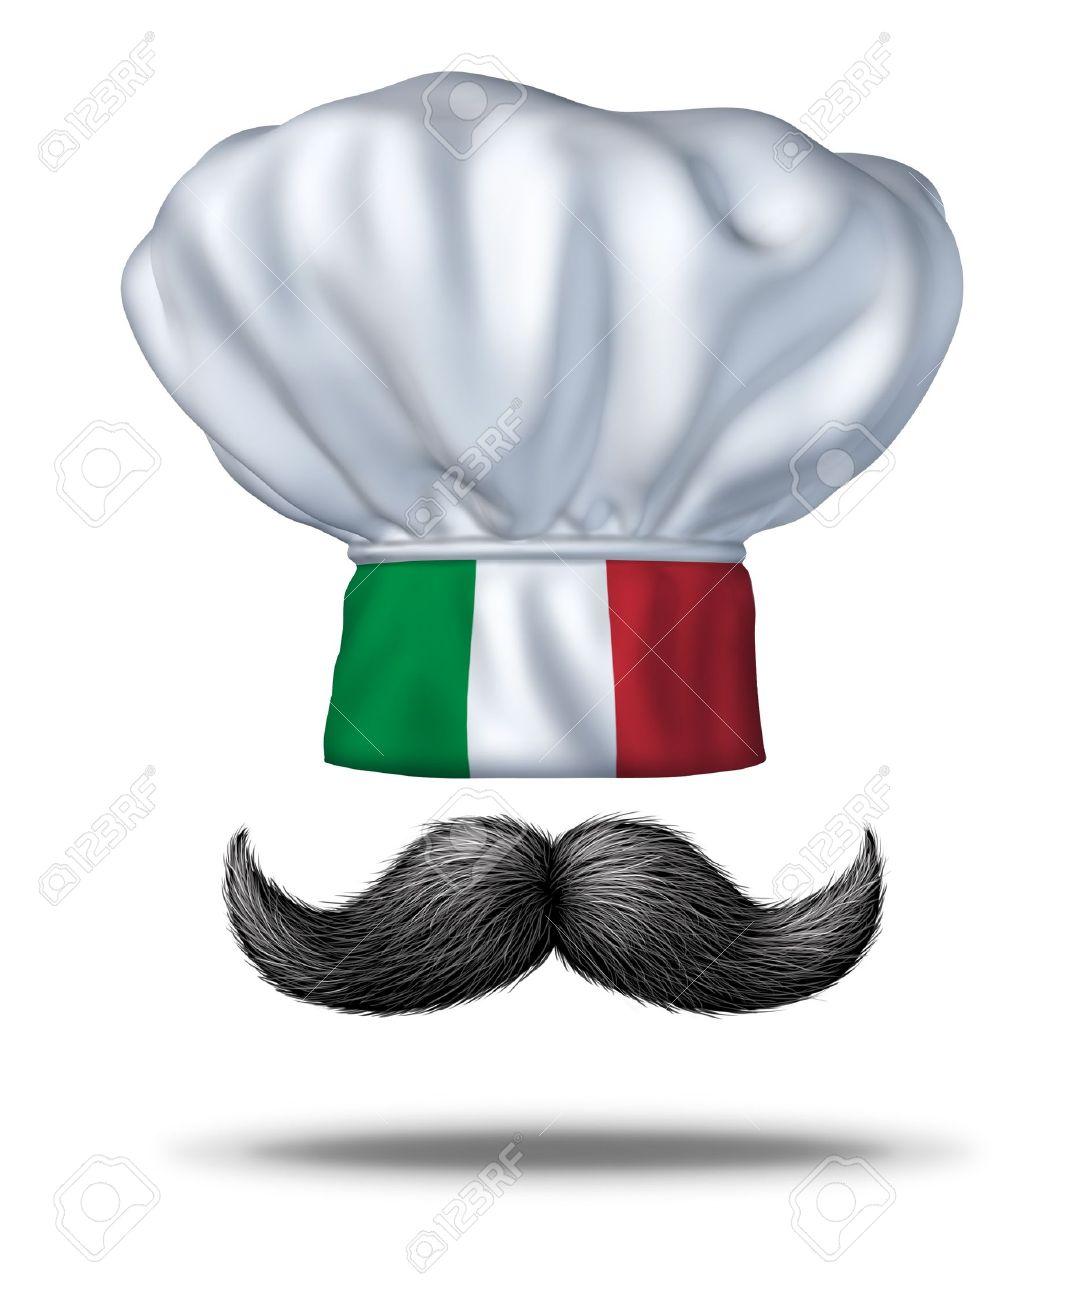 La cocina italiana y la comida de Italia con un sombrero de chef con la bandera verde blanco y rojo y un tradicional manillar espeso bigote negro como símbolo de la rica cultura culinaria de los italianos y la cocina que cocinar en casa de mamas o en un restaurante Foto de archivo - 13070399